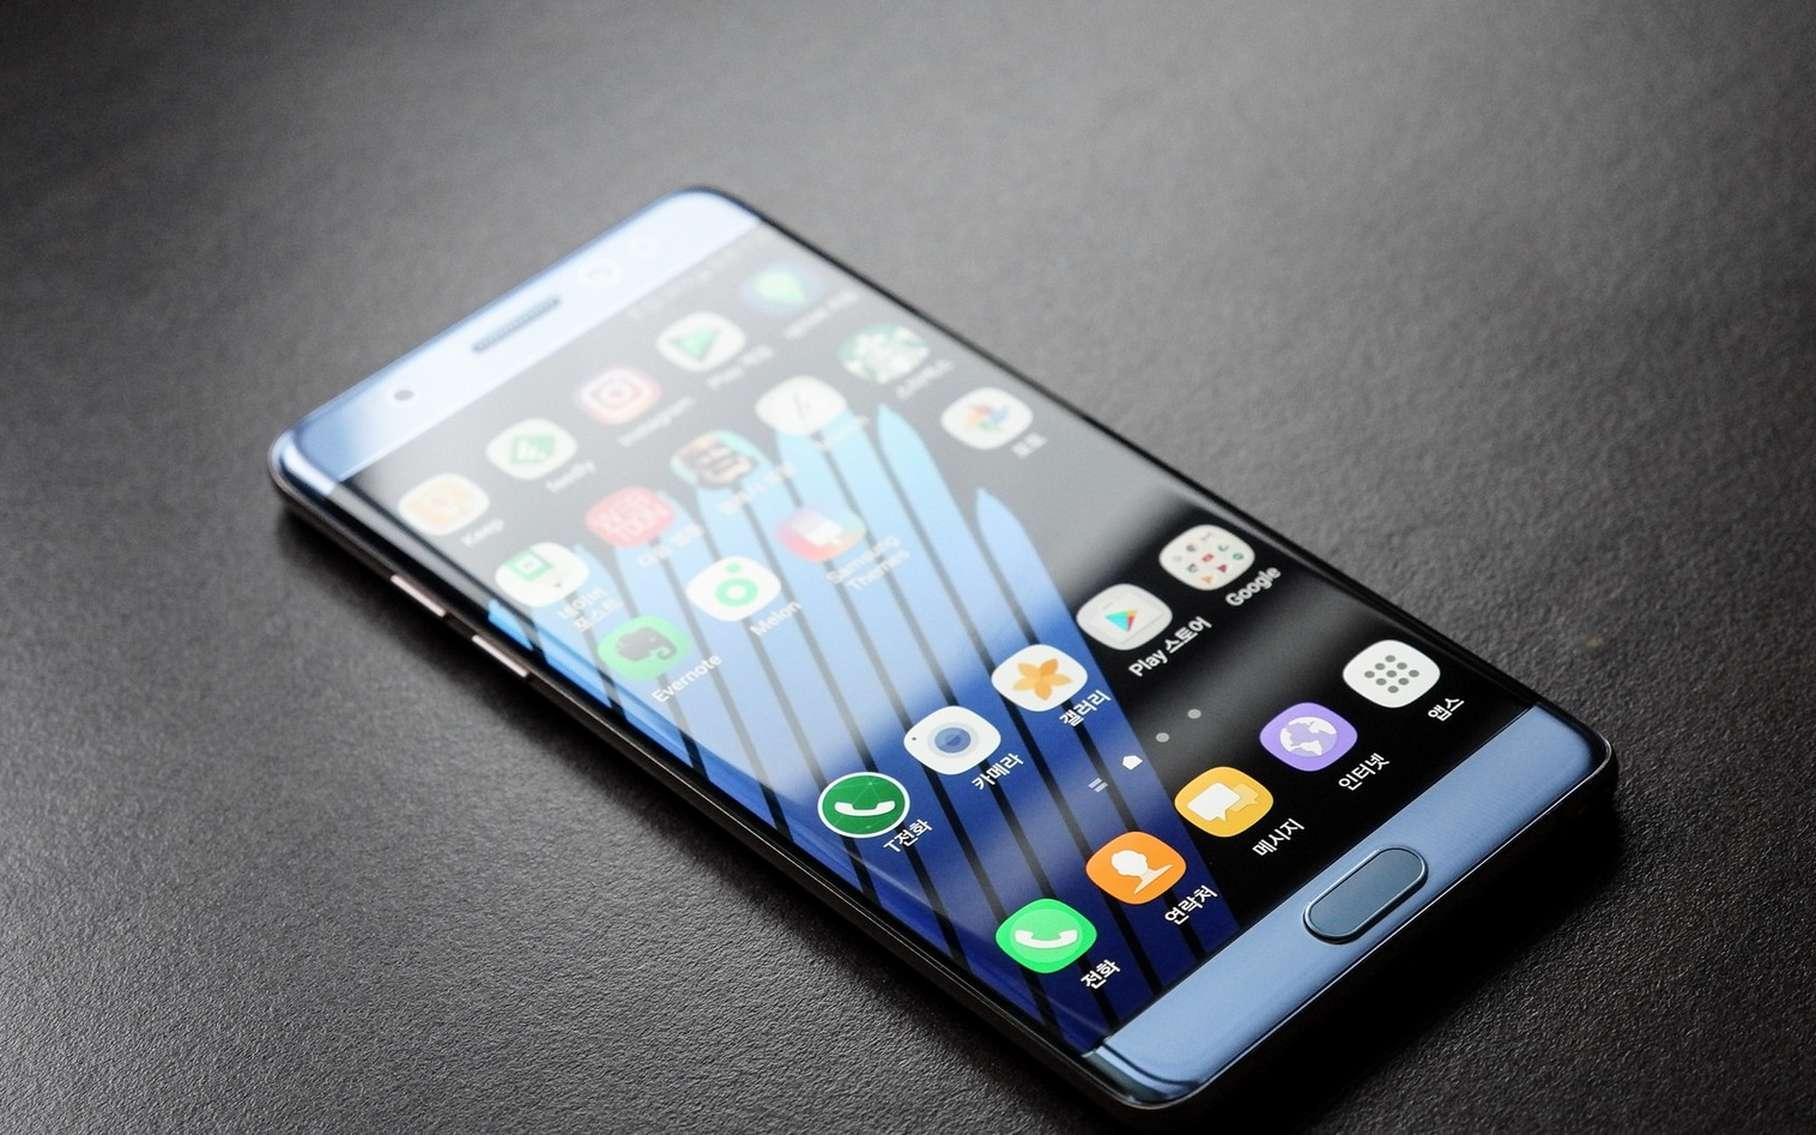 Encensé par la critique lors de sa sortie, le Galaxy Note 7 de Samsung était promis à un beau succès commercial. C'était sans compter un défaut de conception majeur, fruit de la surenchère technologique à laquelle se livrent les fabricants de smartphones. © Aaron Yoo, Flickr, CC BY-ND 2.0